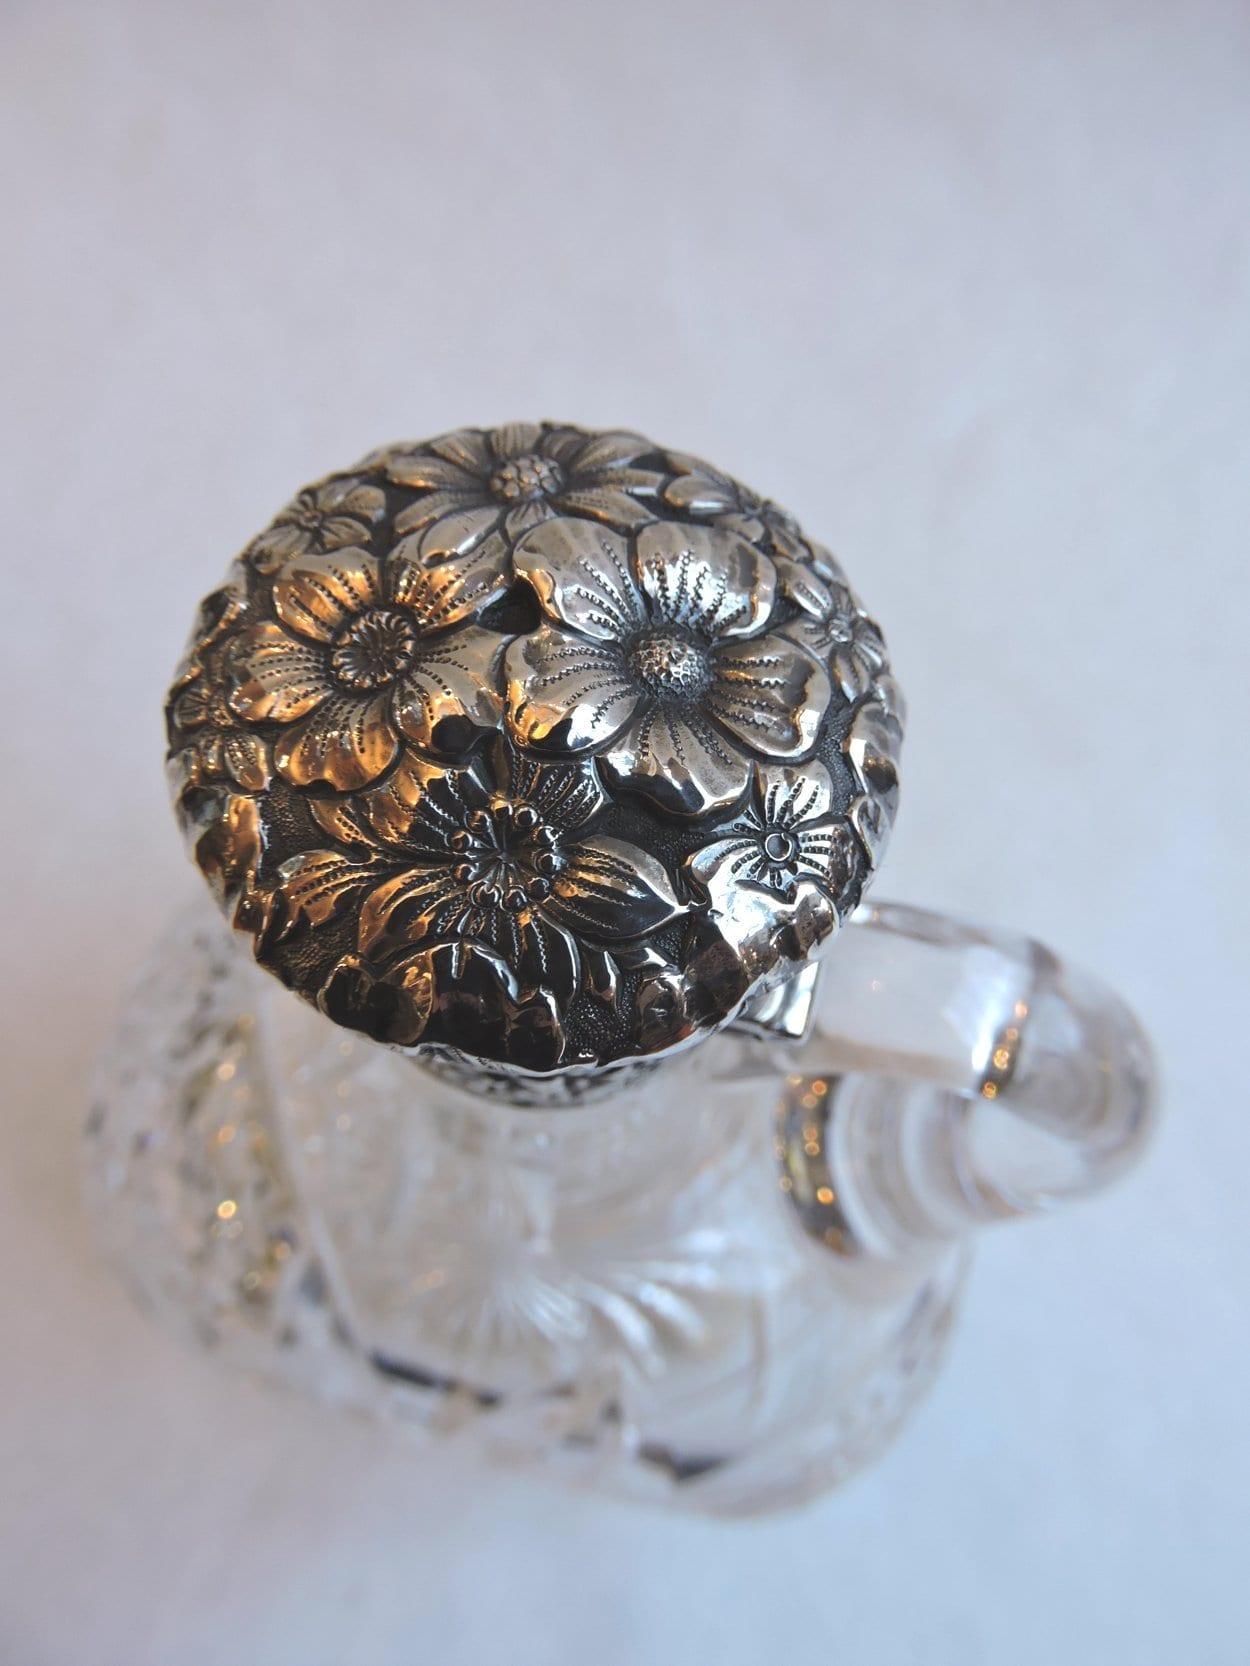 silver - silvertopcrystaljug-04.jpg